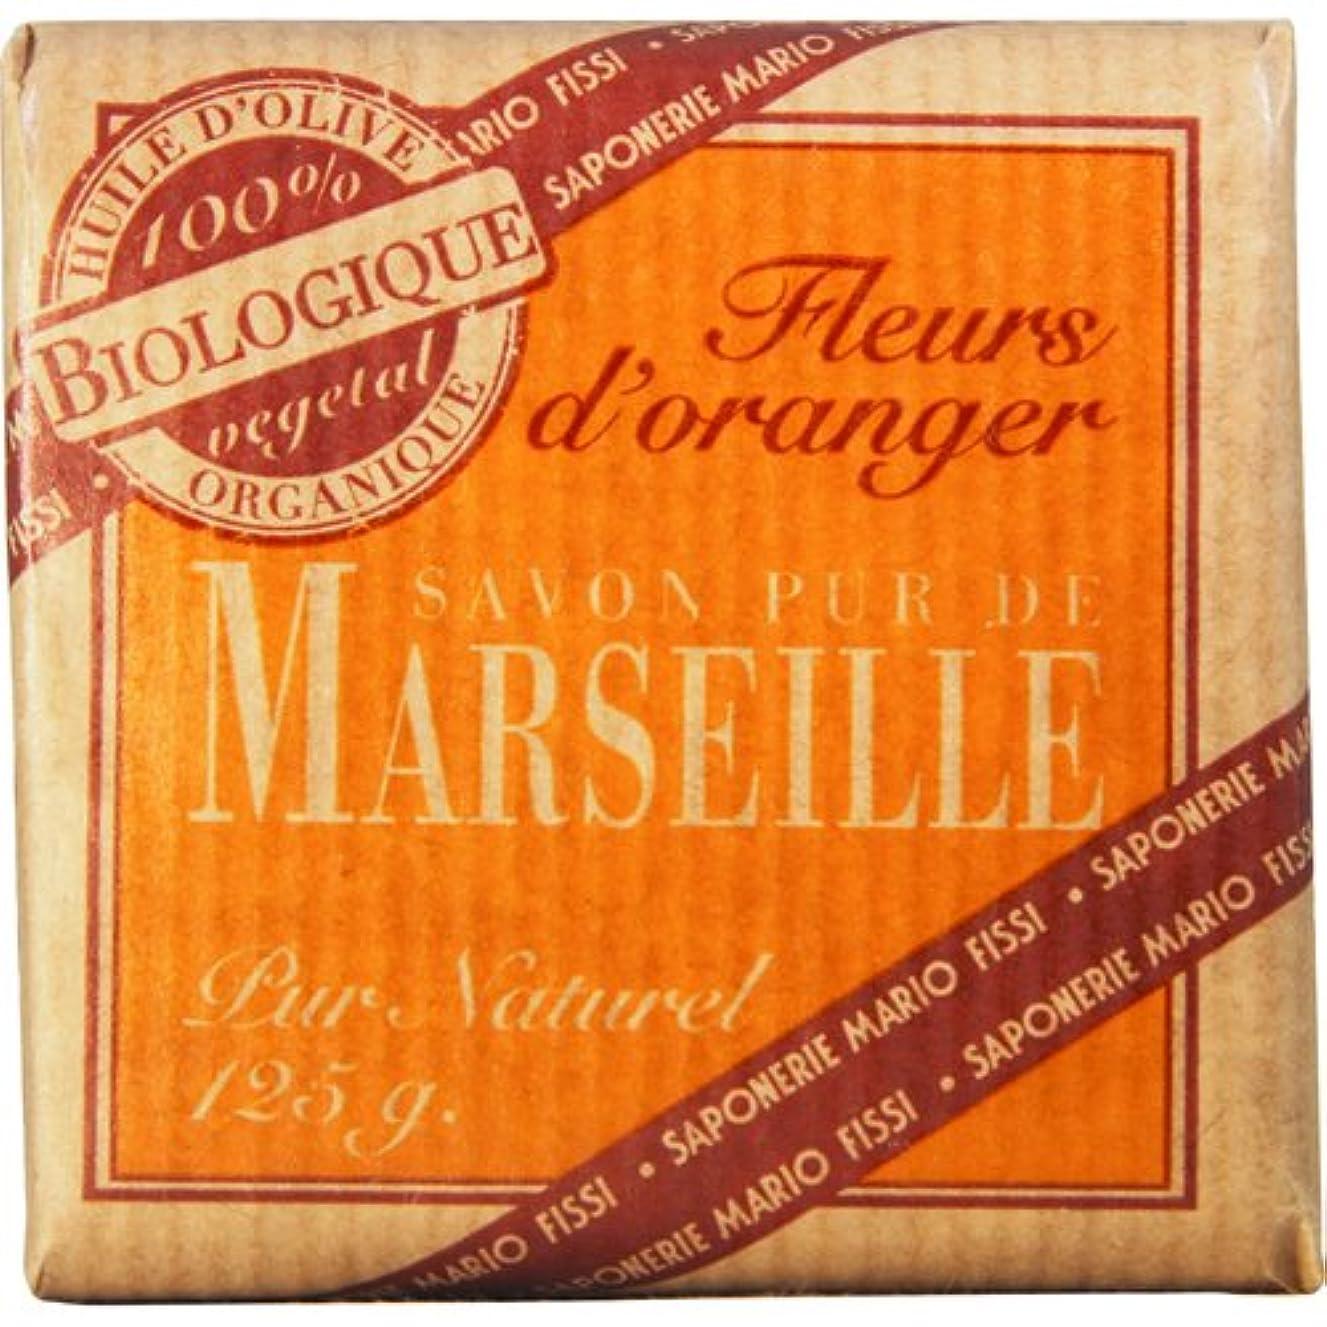 のコスチューム険しいSaponerire Fissi マルセイユシリーズ マルセイユソープ 125g Orange Flower オレンジフラワー